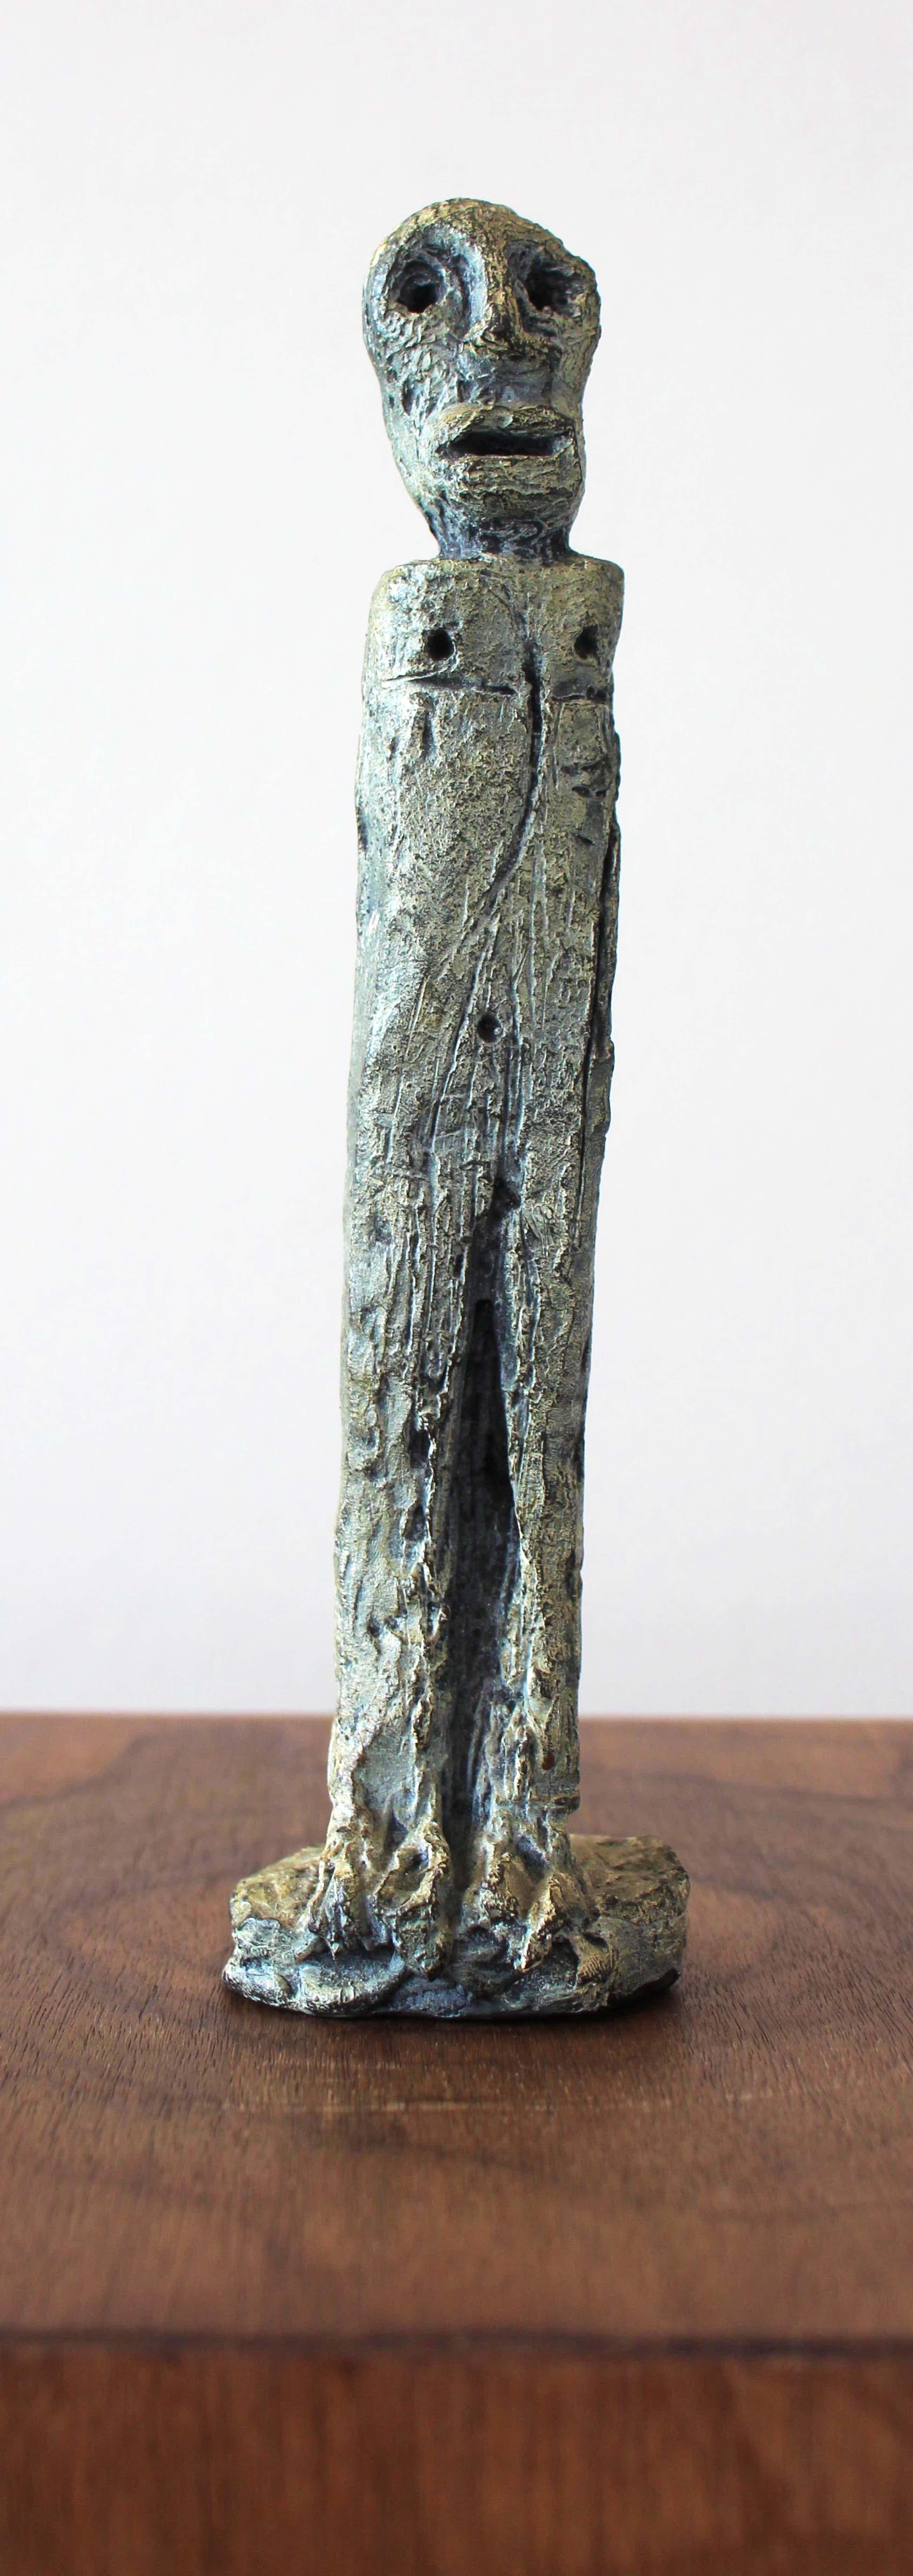 Rik van Iersel - gesigneerd bronzen sculptuur: staand figuur kopen? Bied vanaf 450!